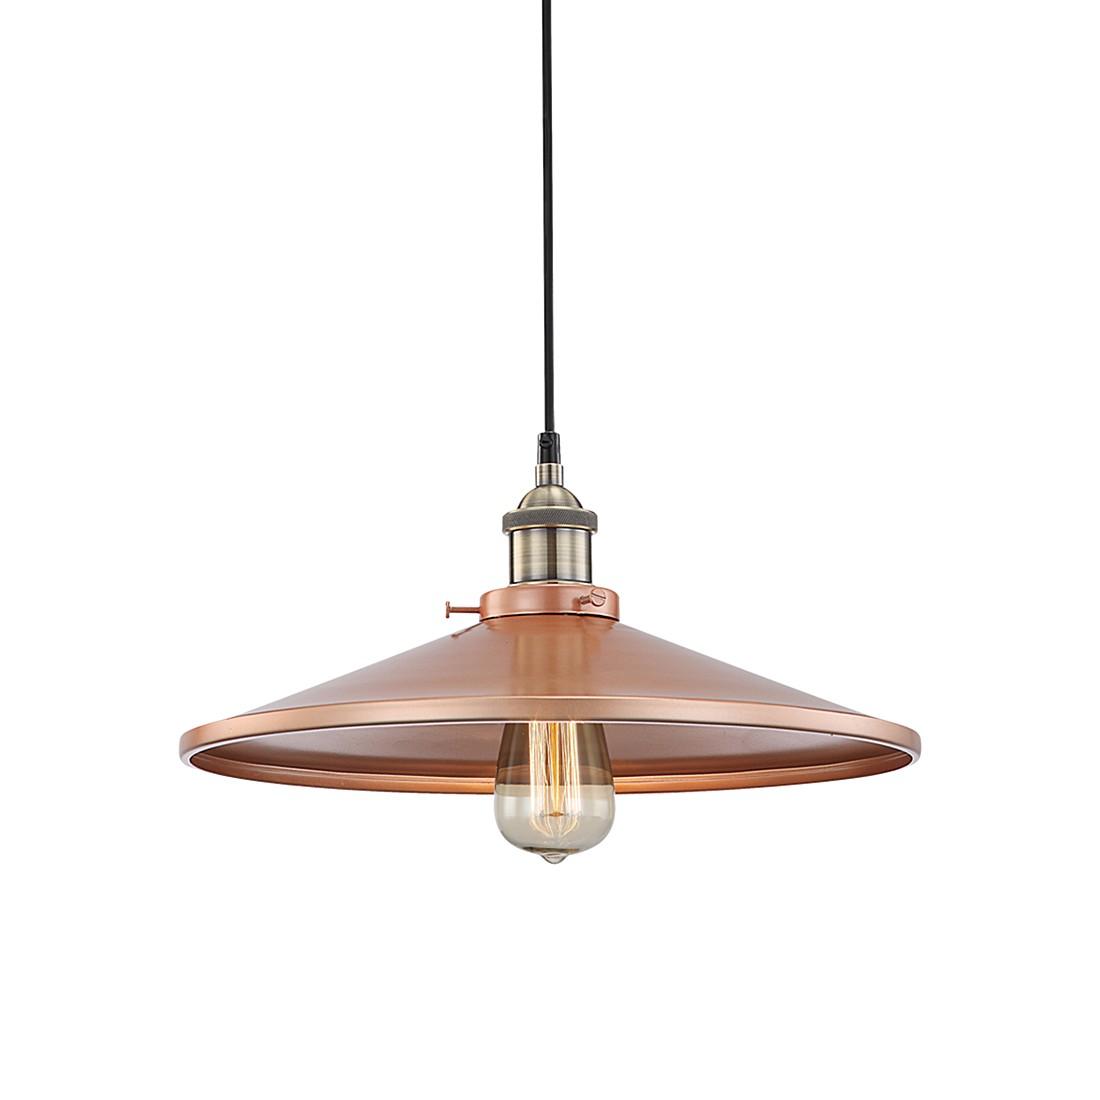 EEK A++, Pendelleuchte Knud - Metall - 1-flammig, Globo Lighting bei Home24 - Lampen